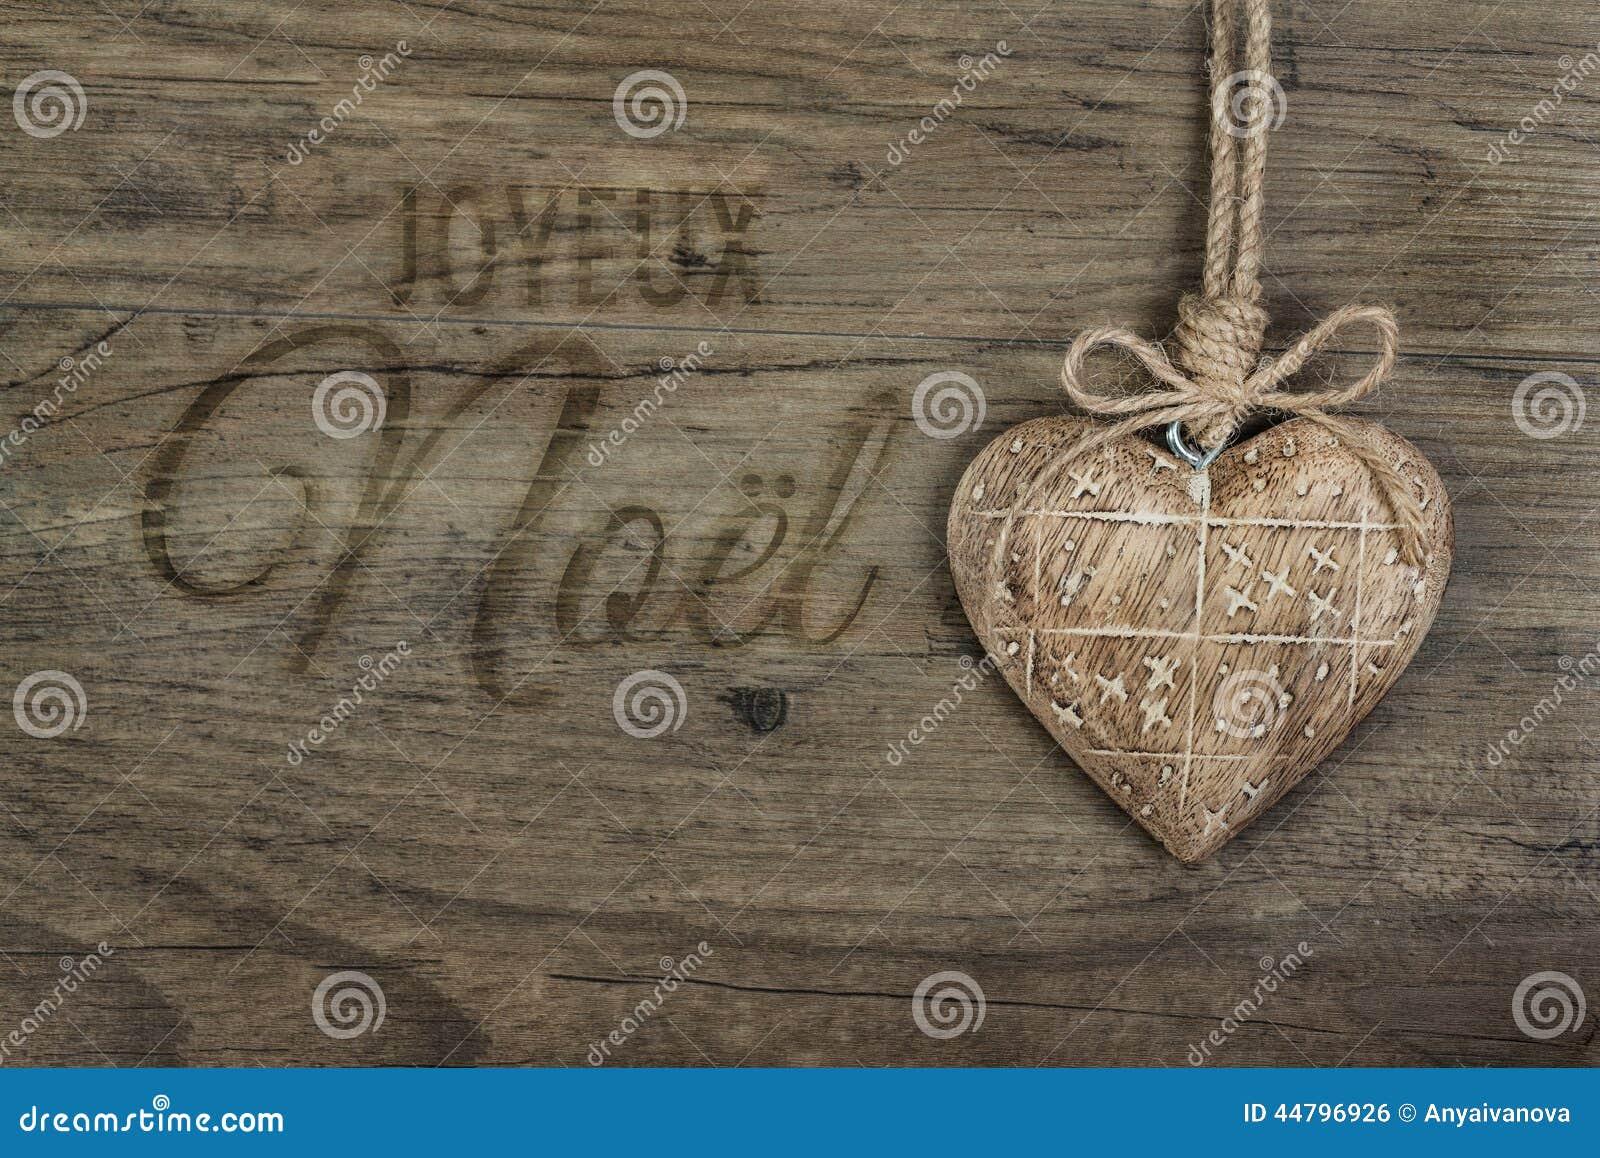 Τίτλος σε γαλλικό Joyeux Noel στο μμένο χειρόγραφο επιστολών στο ξύλο με μια καρδιά